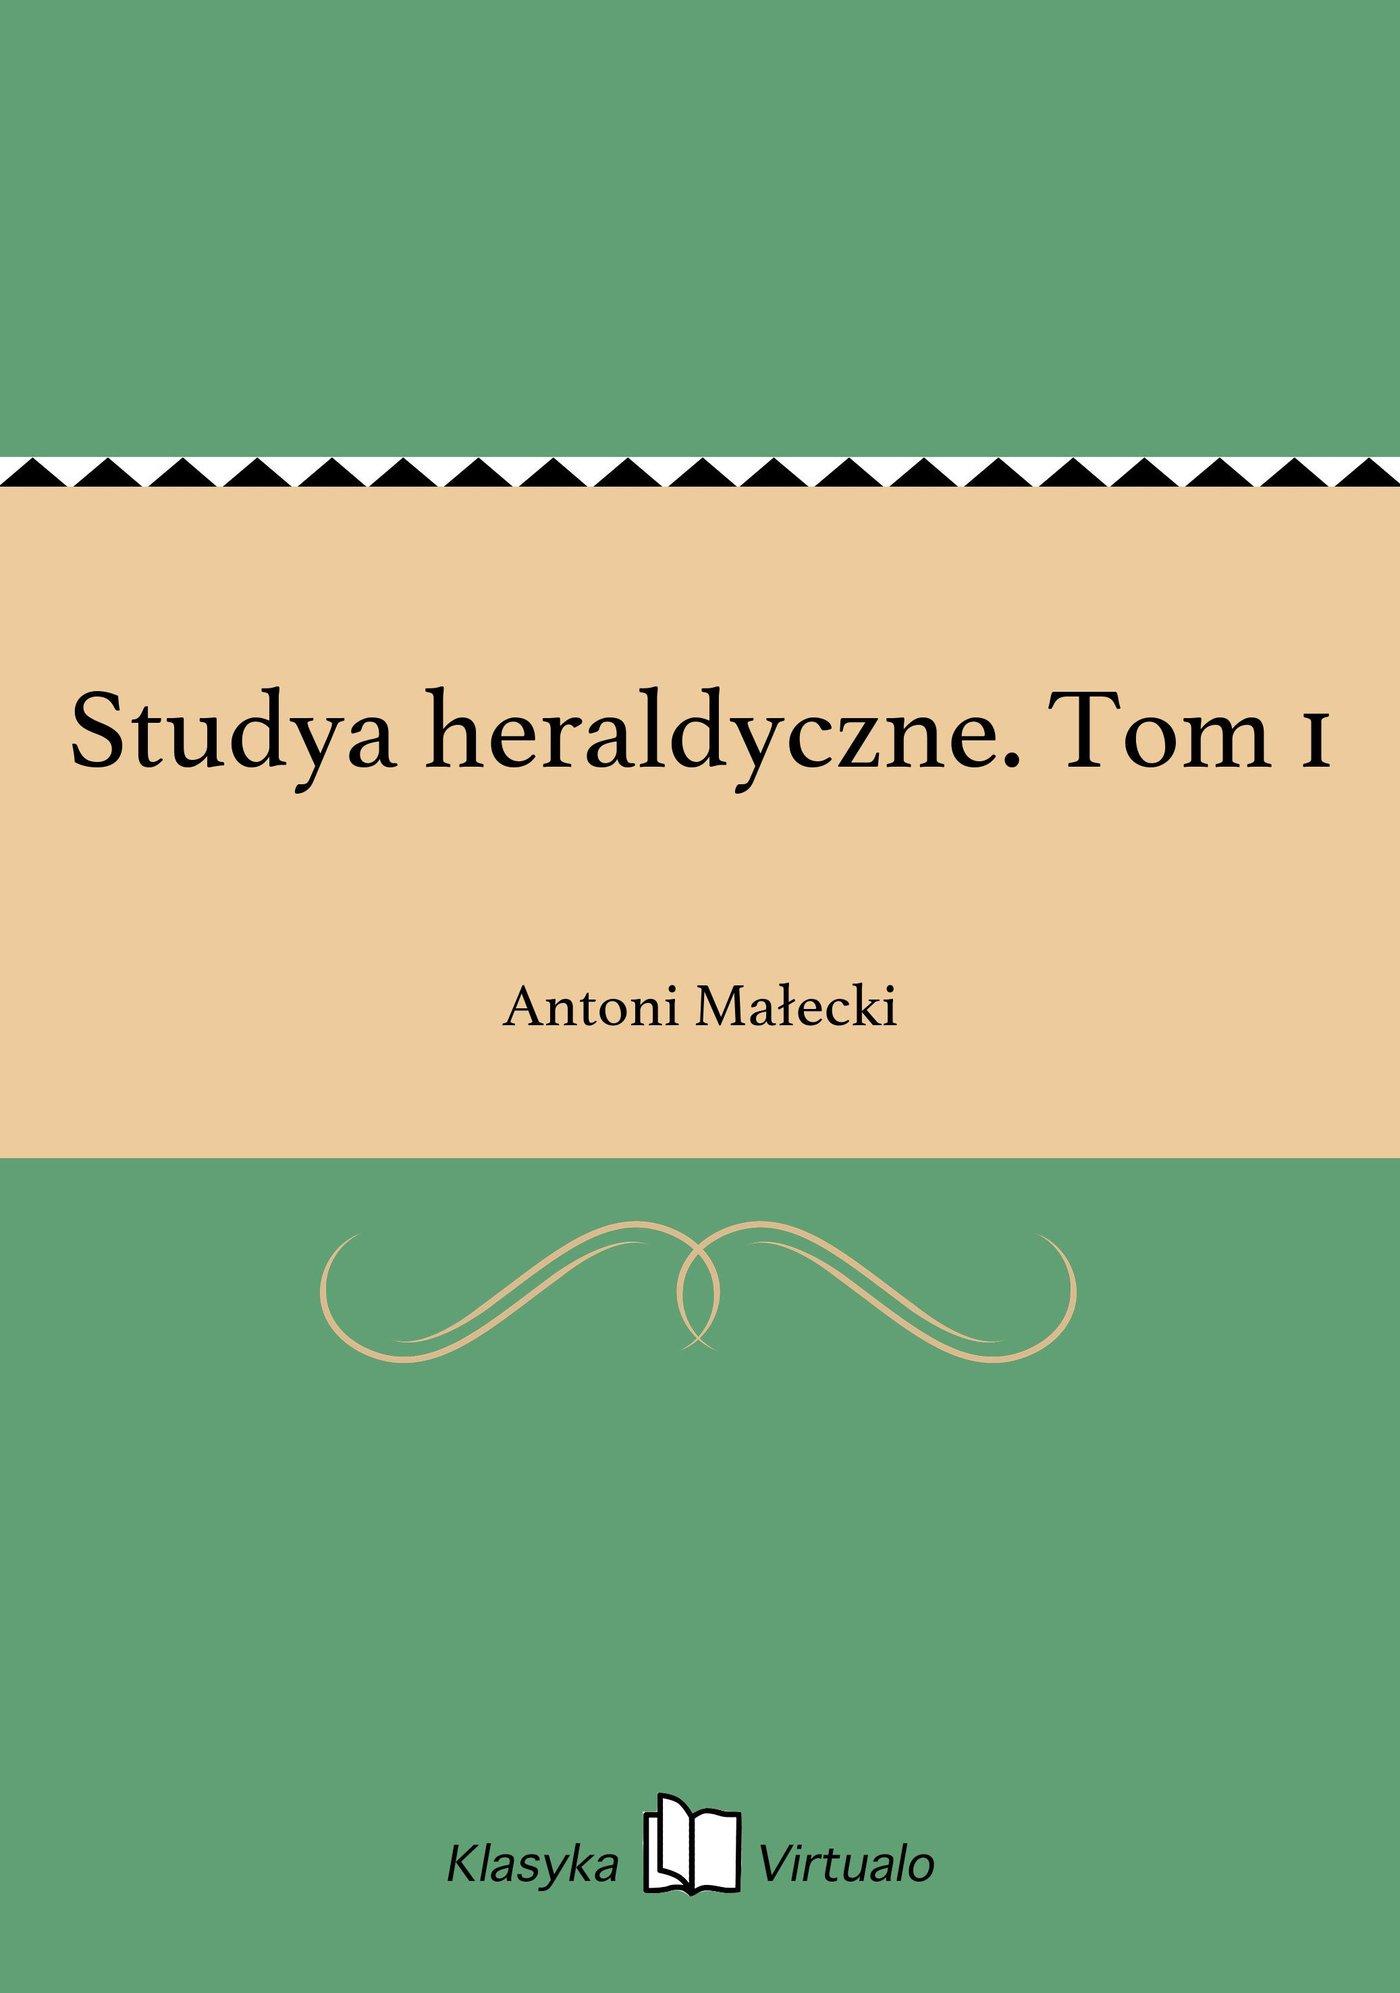 Studya heraldyczne. Tom 1 - Ebook (Książka EPUB) do pobrania w formacie EPUB